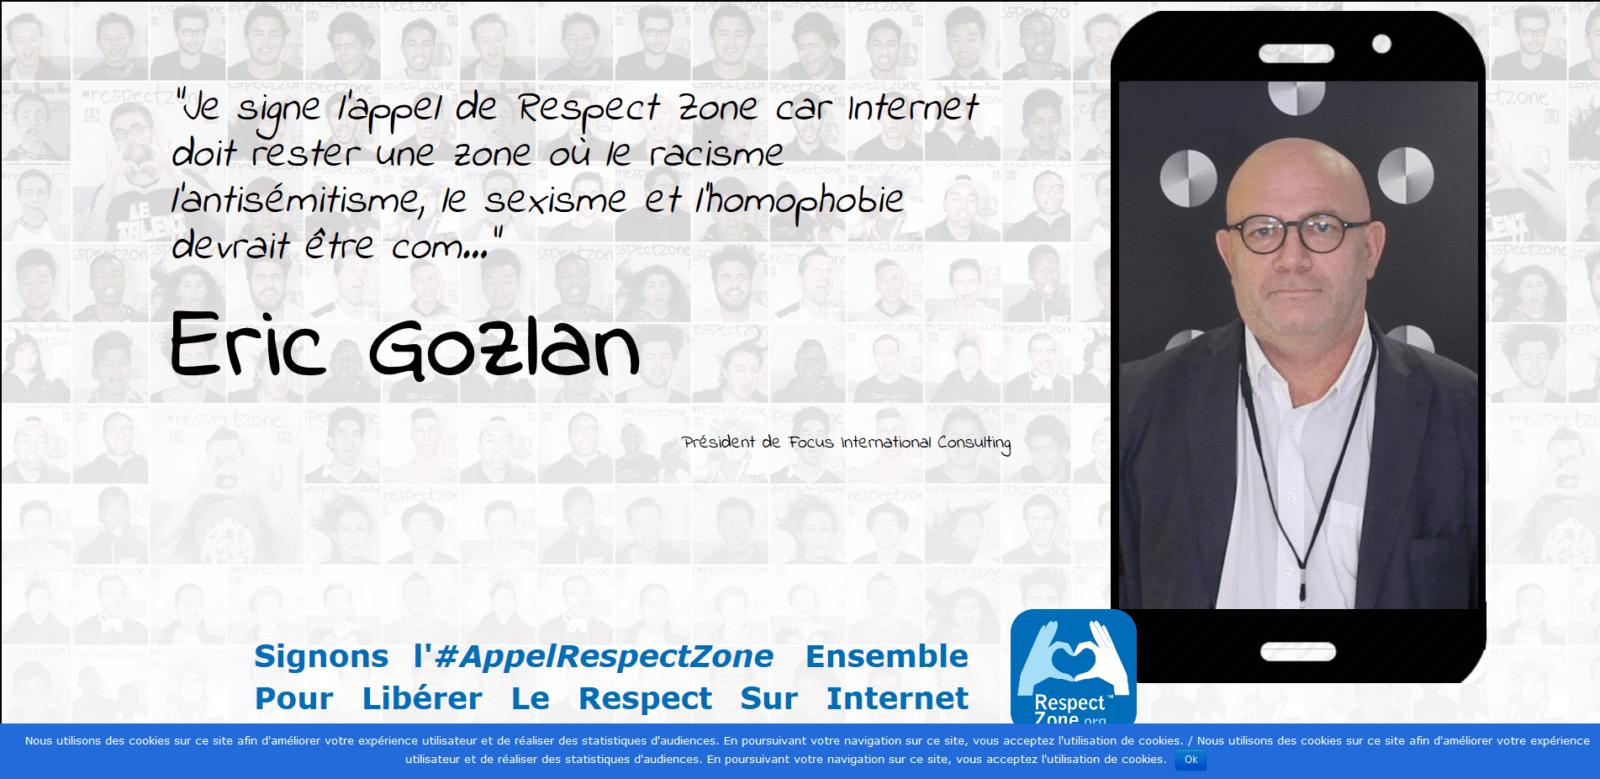 Eric Gozlan